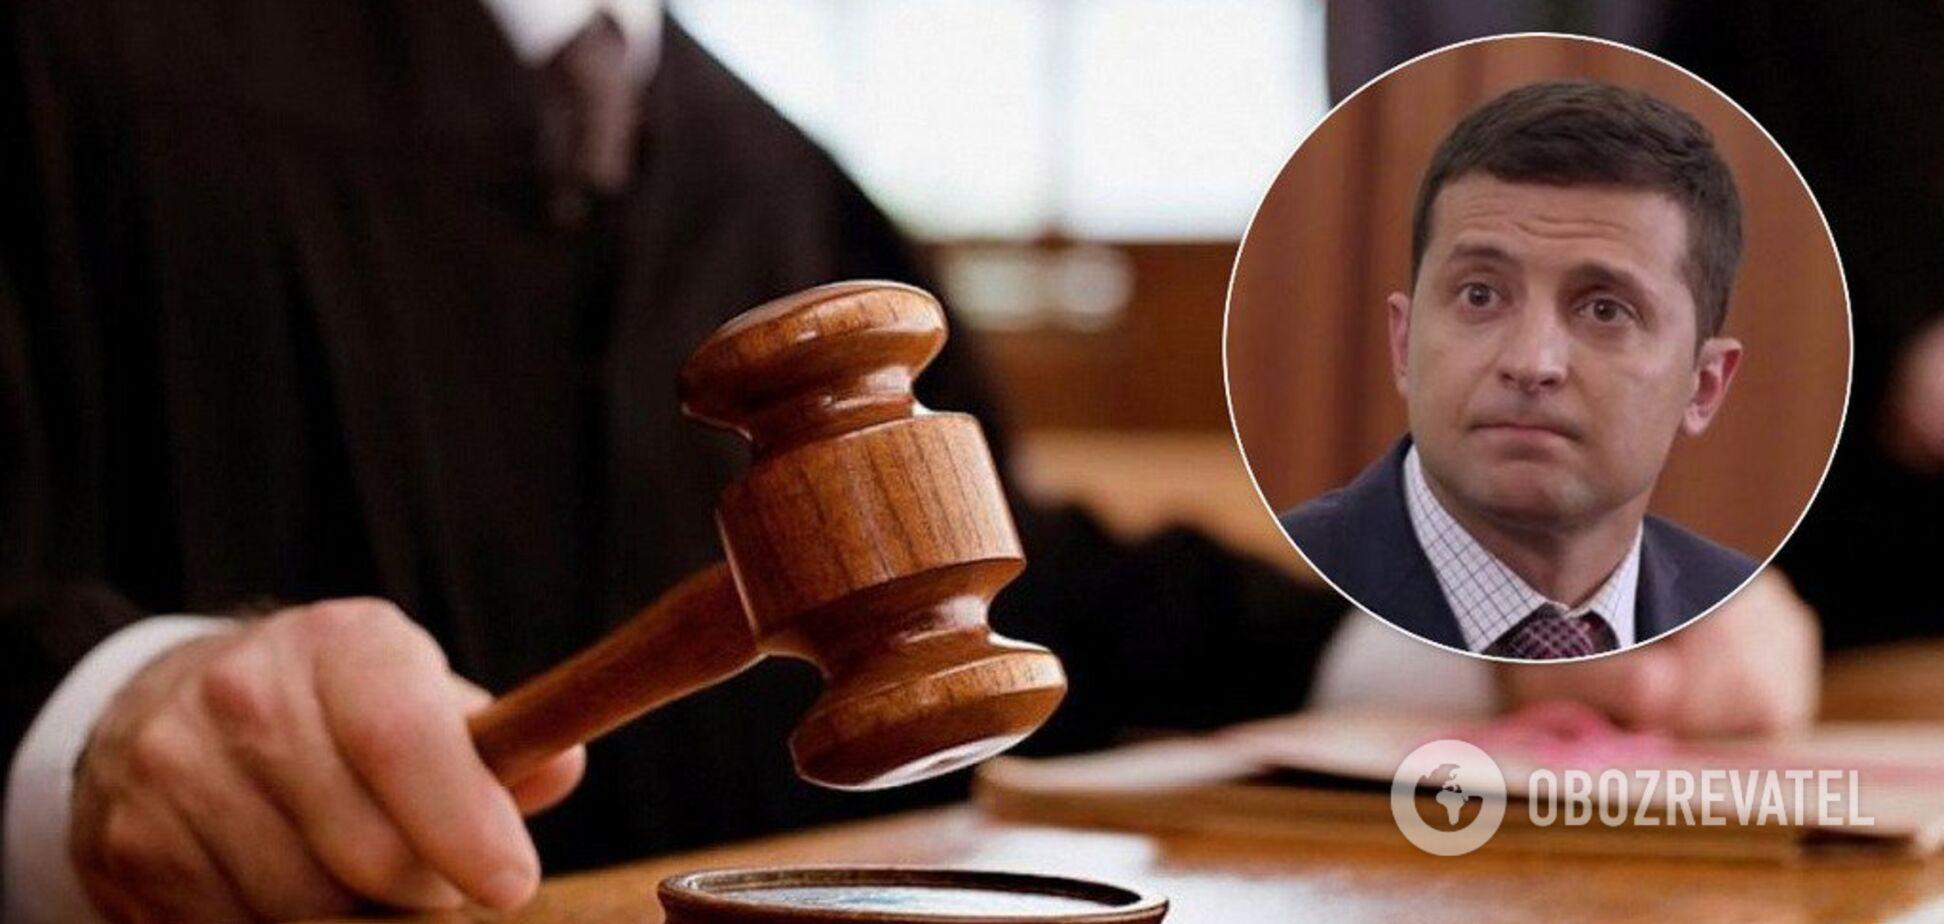 В Івано-Франківську засудили фанатку Зеленського: в чому справа